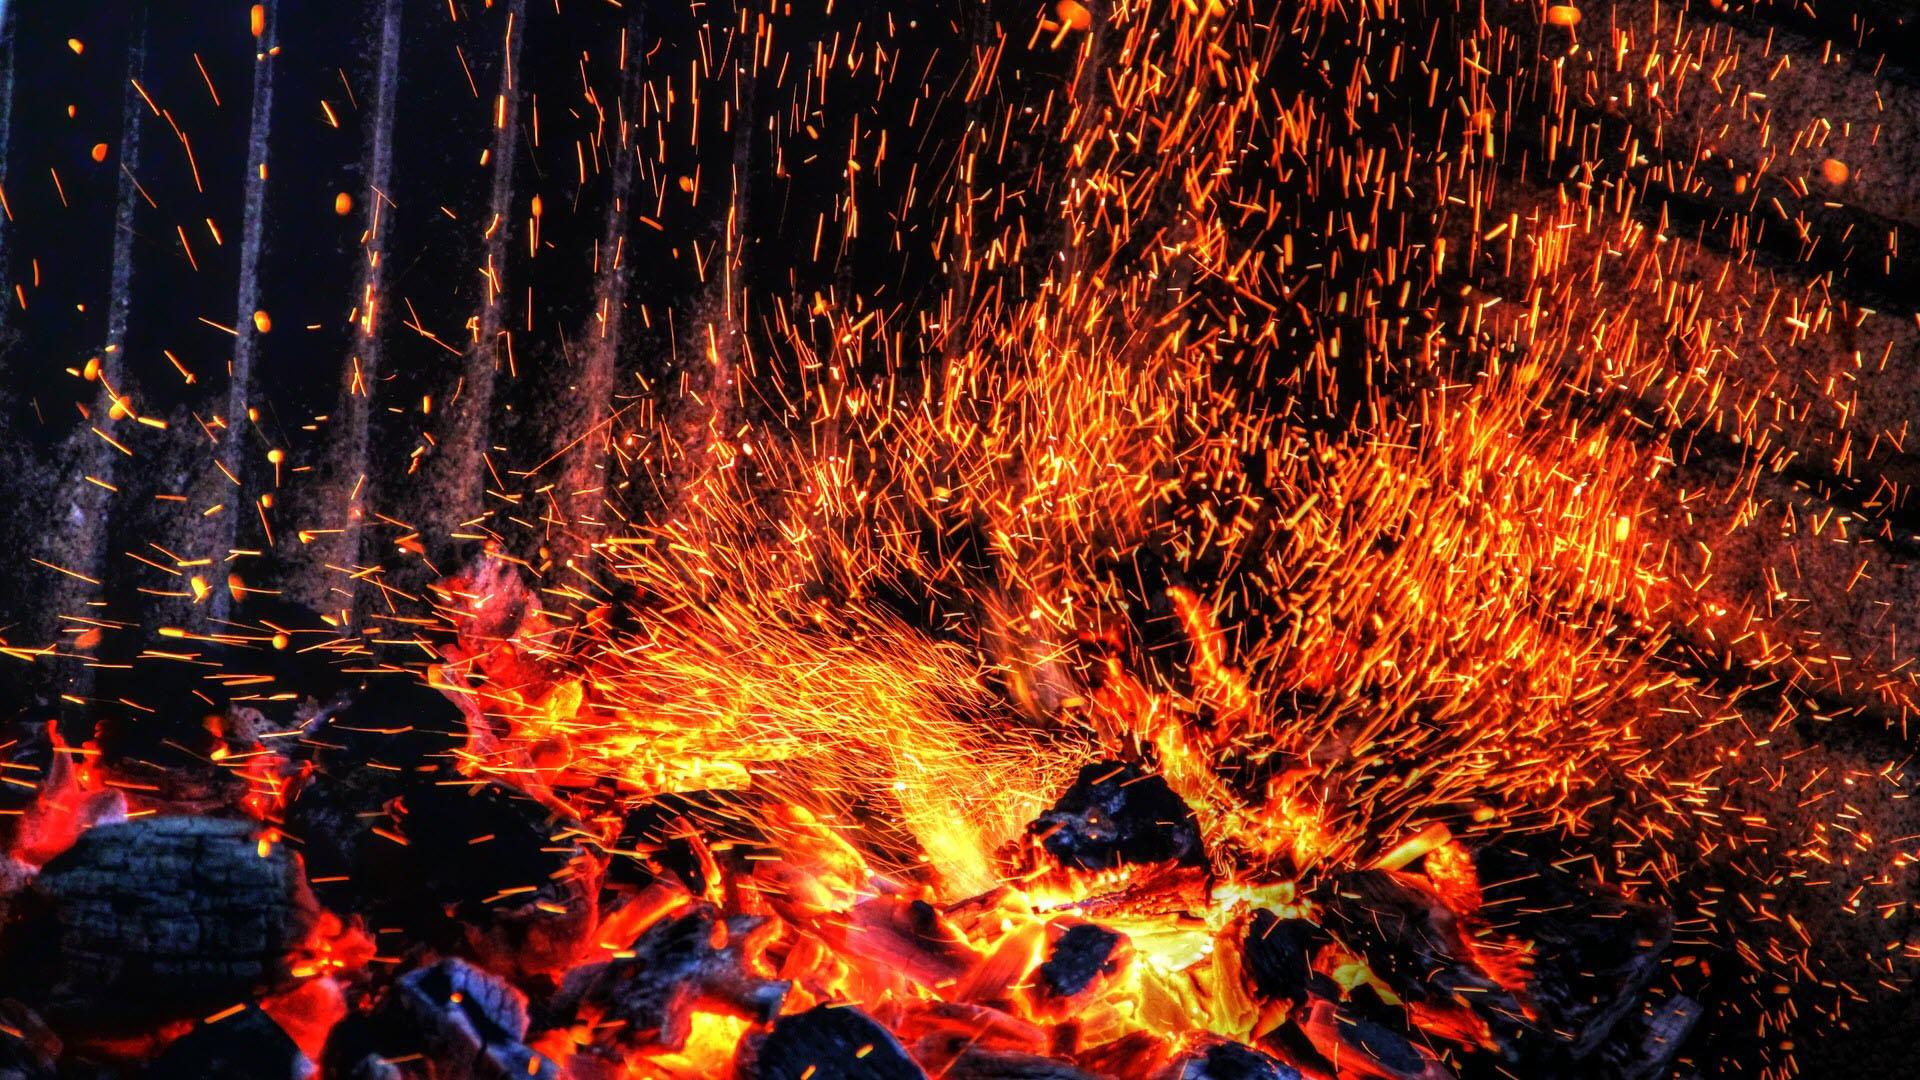 Hình ảnh nền ngọn lửa